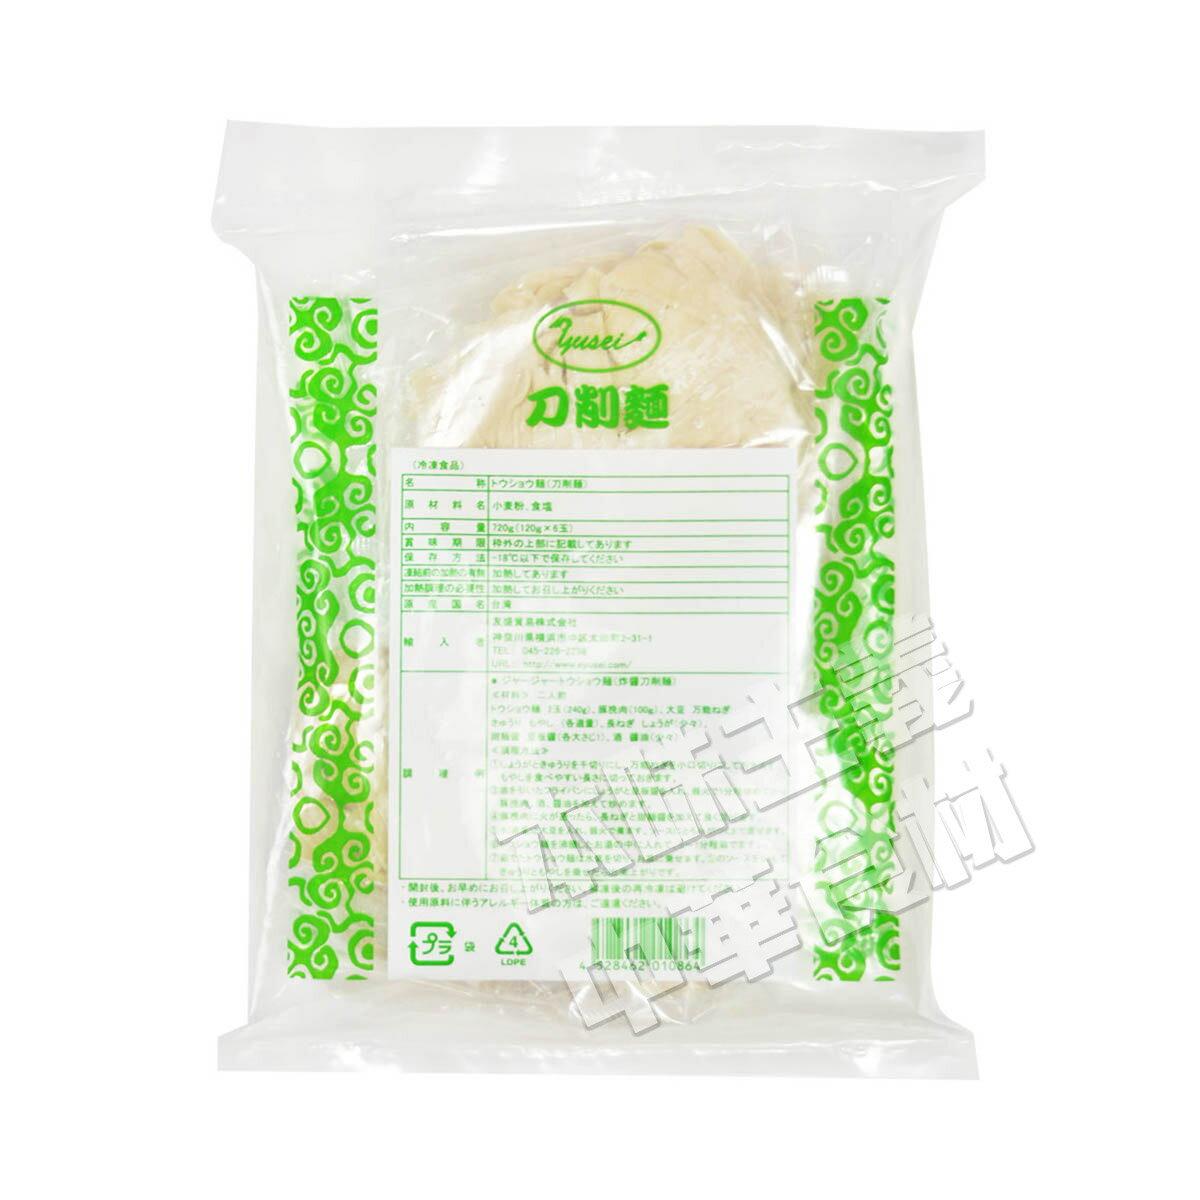 台湾刀削麺(6食入り)720g 生めん とうしょうめん トウショウメン 中華料理店人気商品 中華食材 牛肉麺具材 台湾大人気